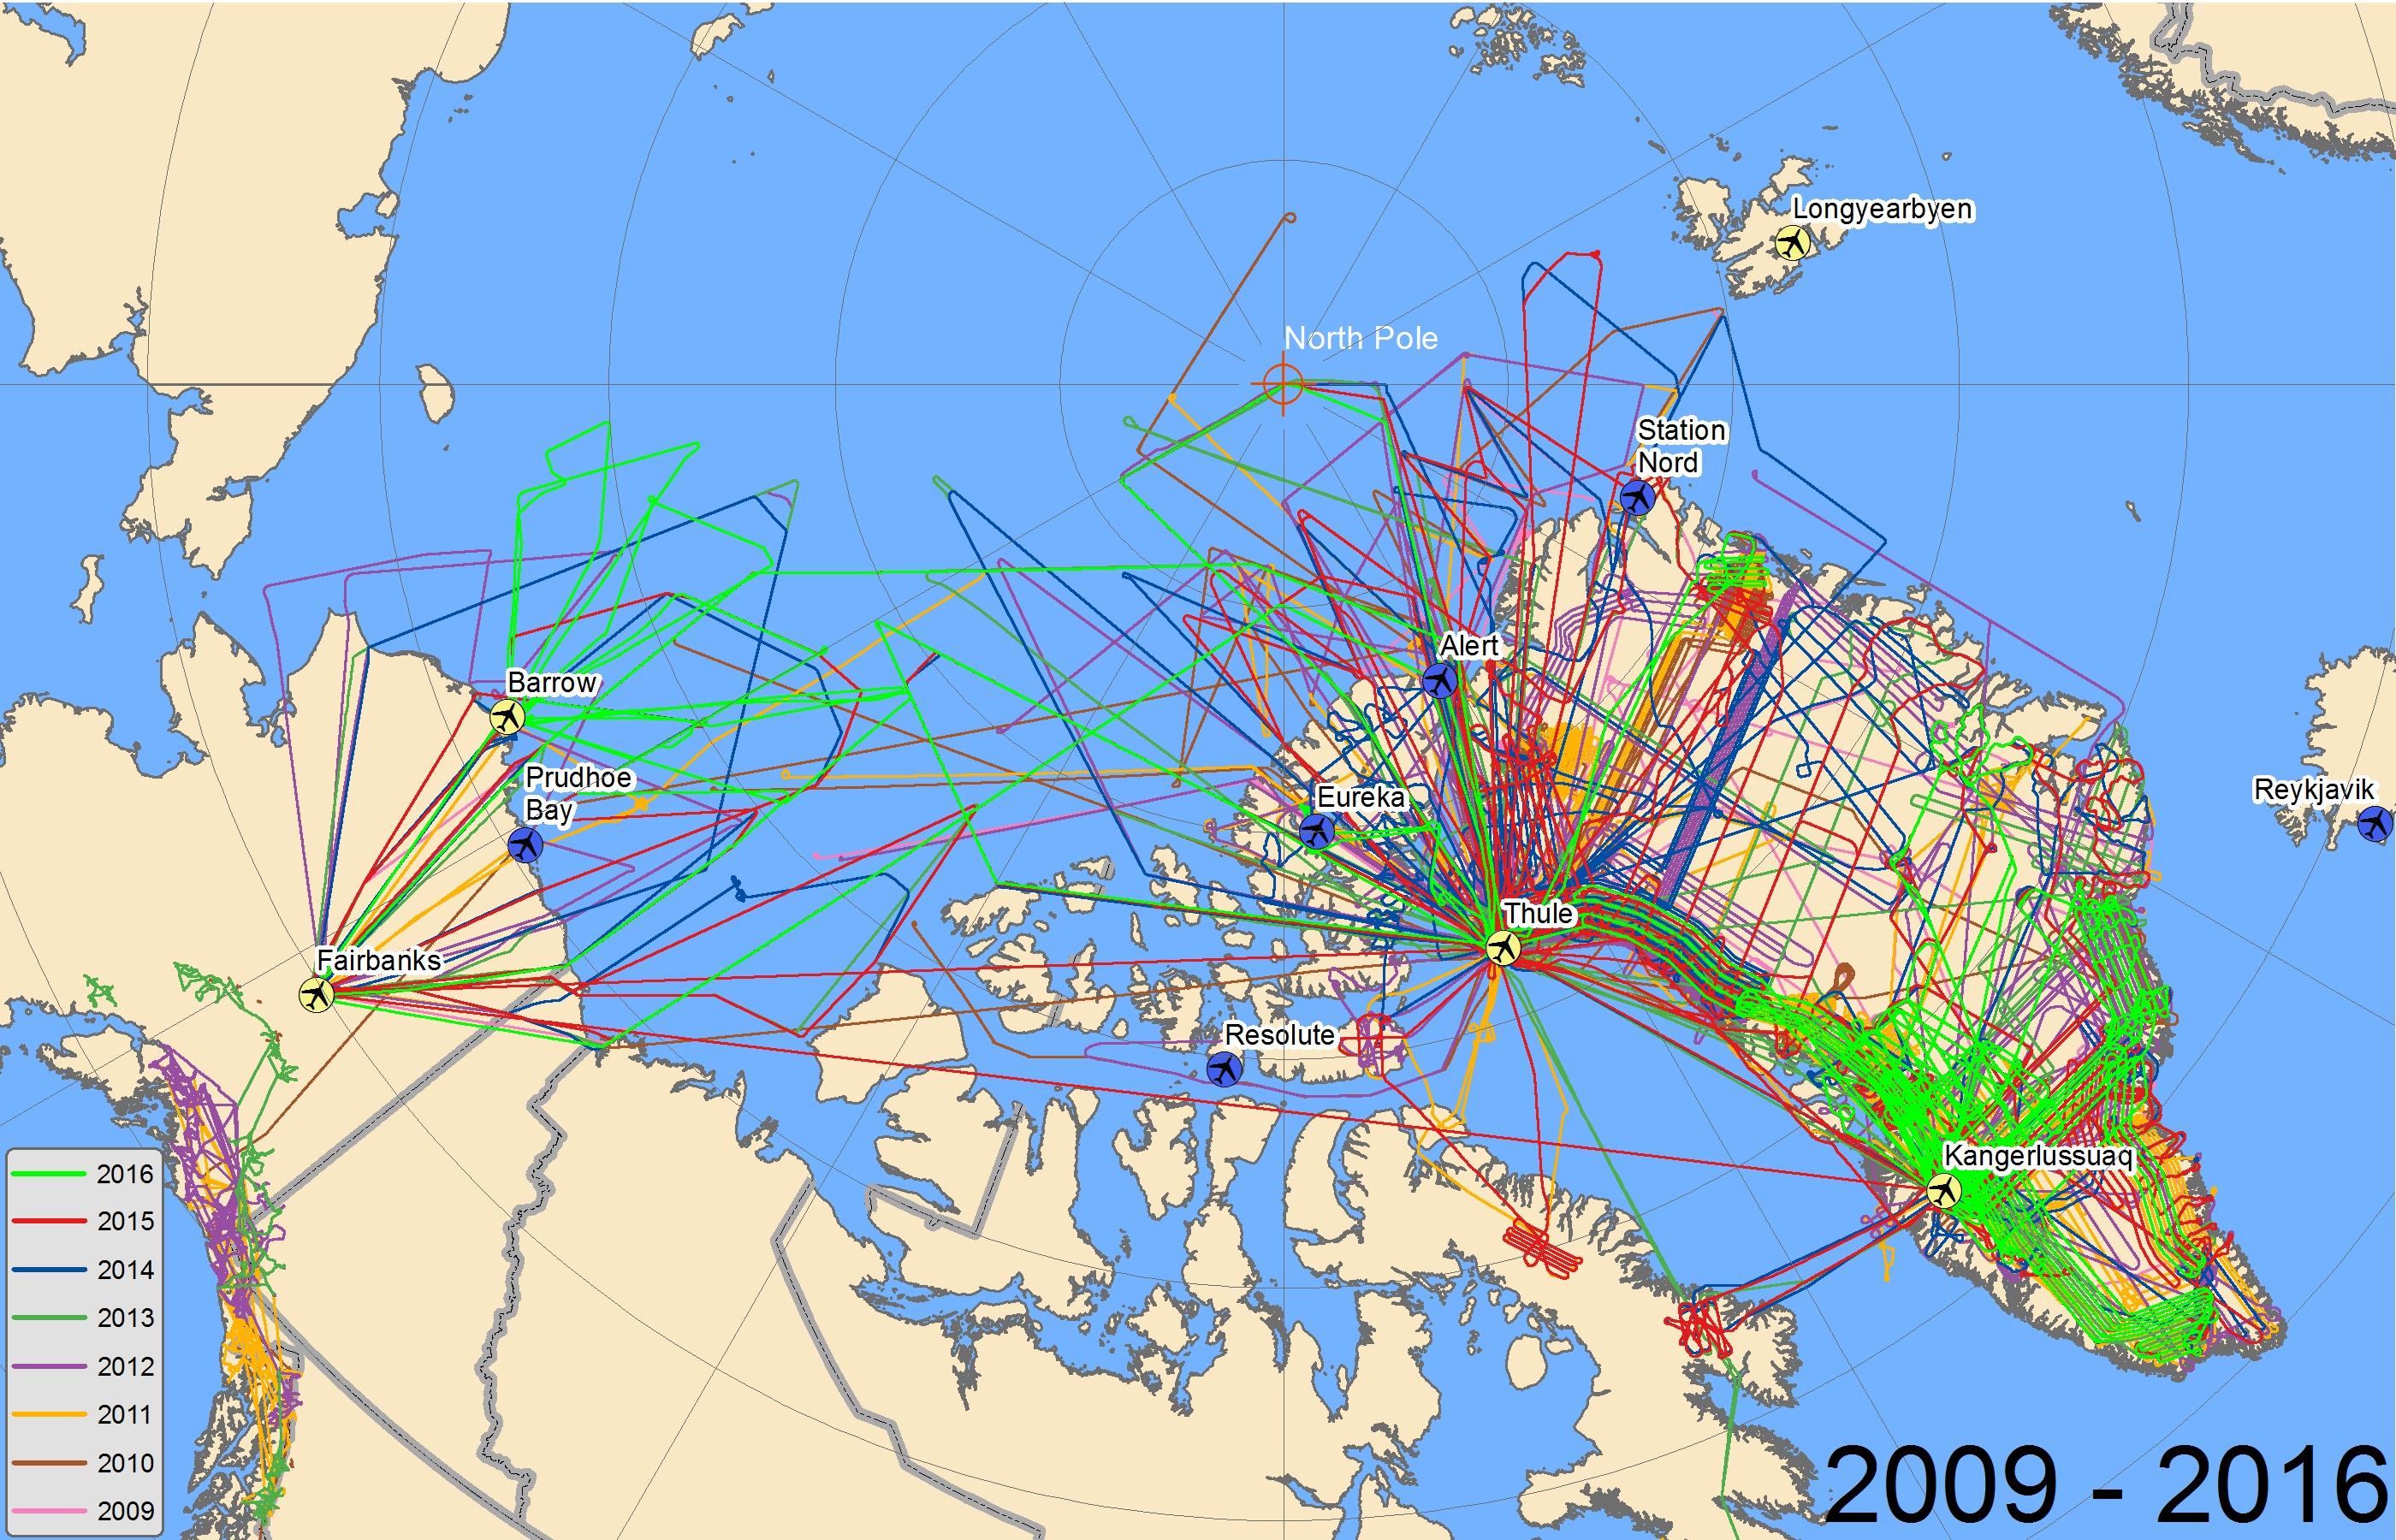 Arctic flights 2009-2016